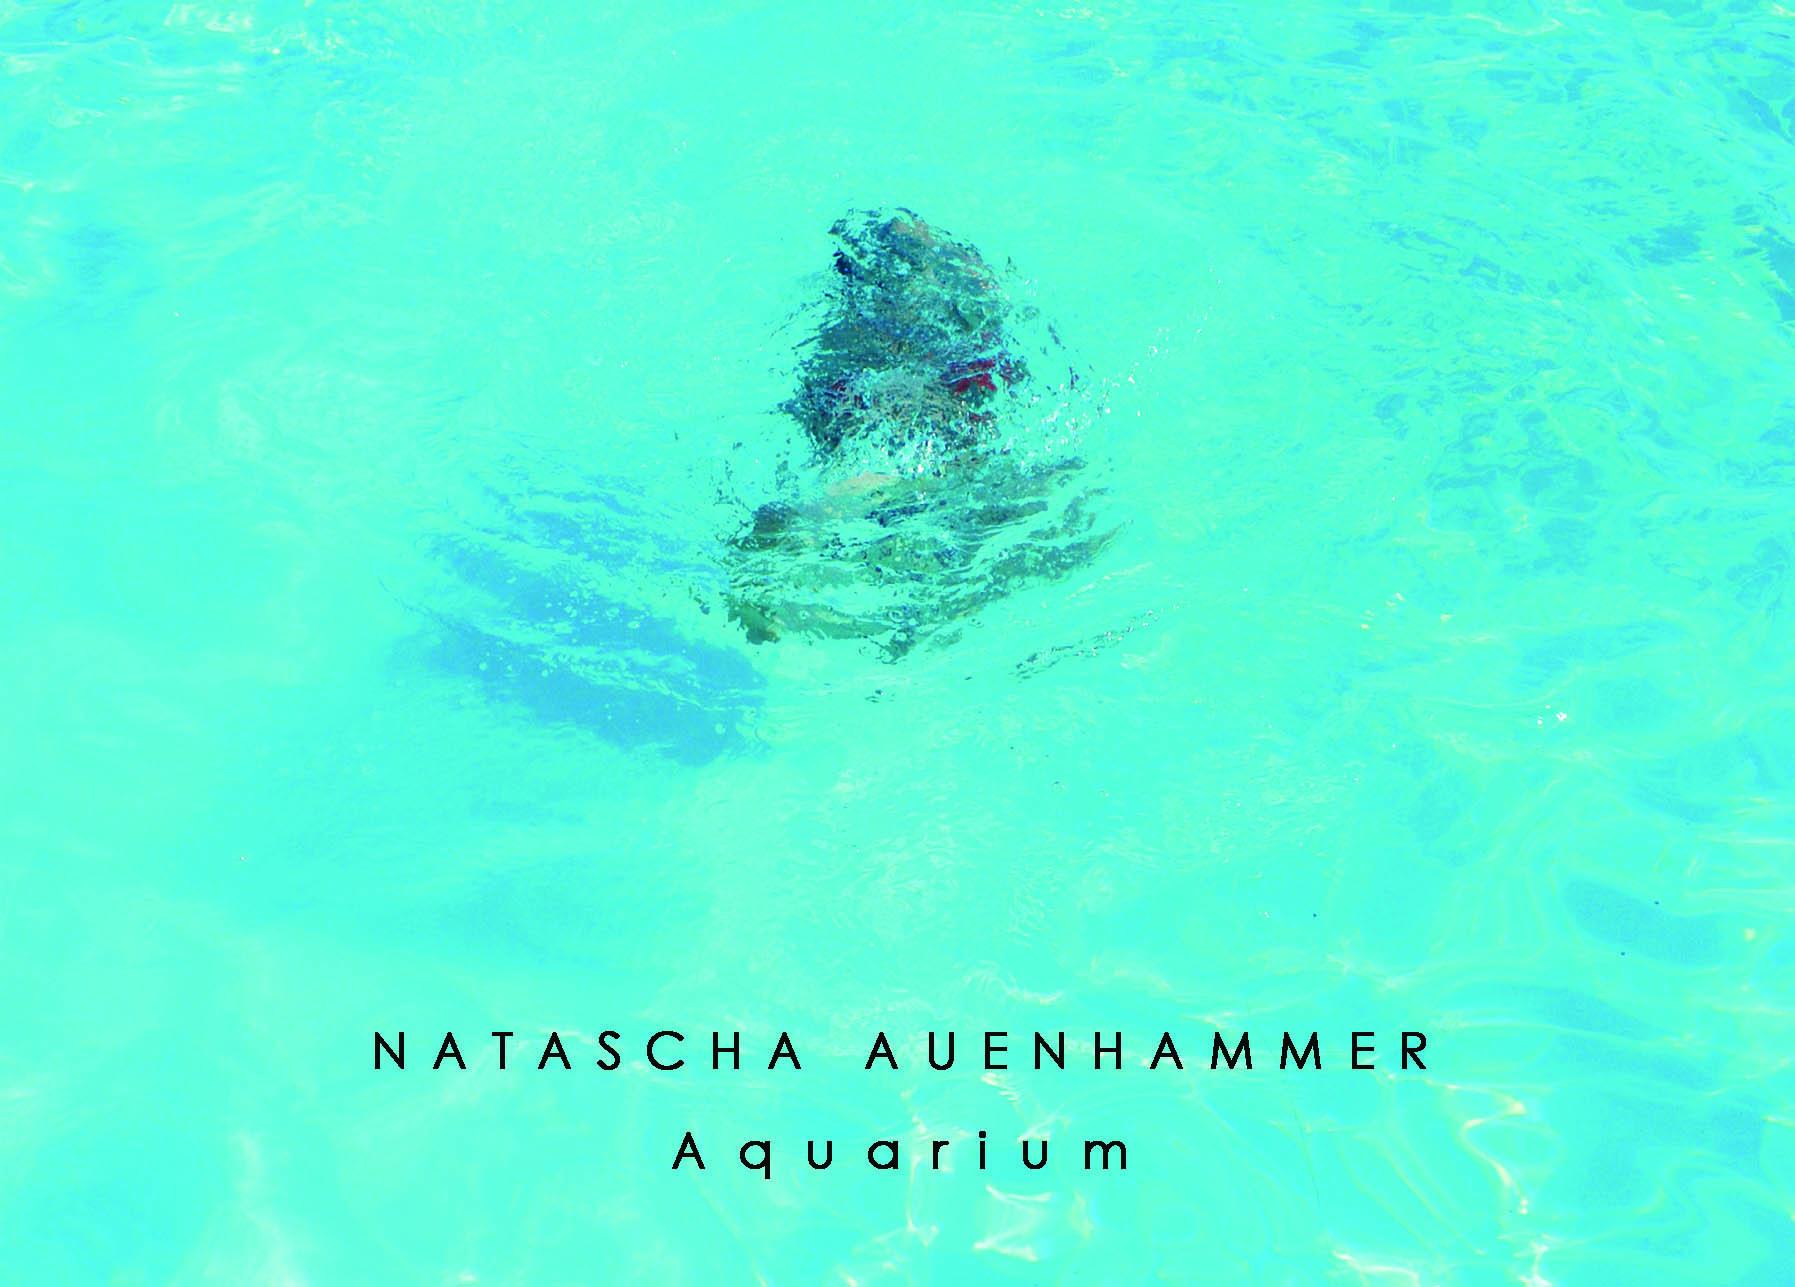 """Natascha Auenhammer   """"AQUARIUM, die Gänsehaut des Wassers"""""""